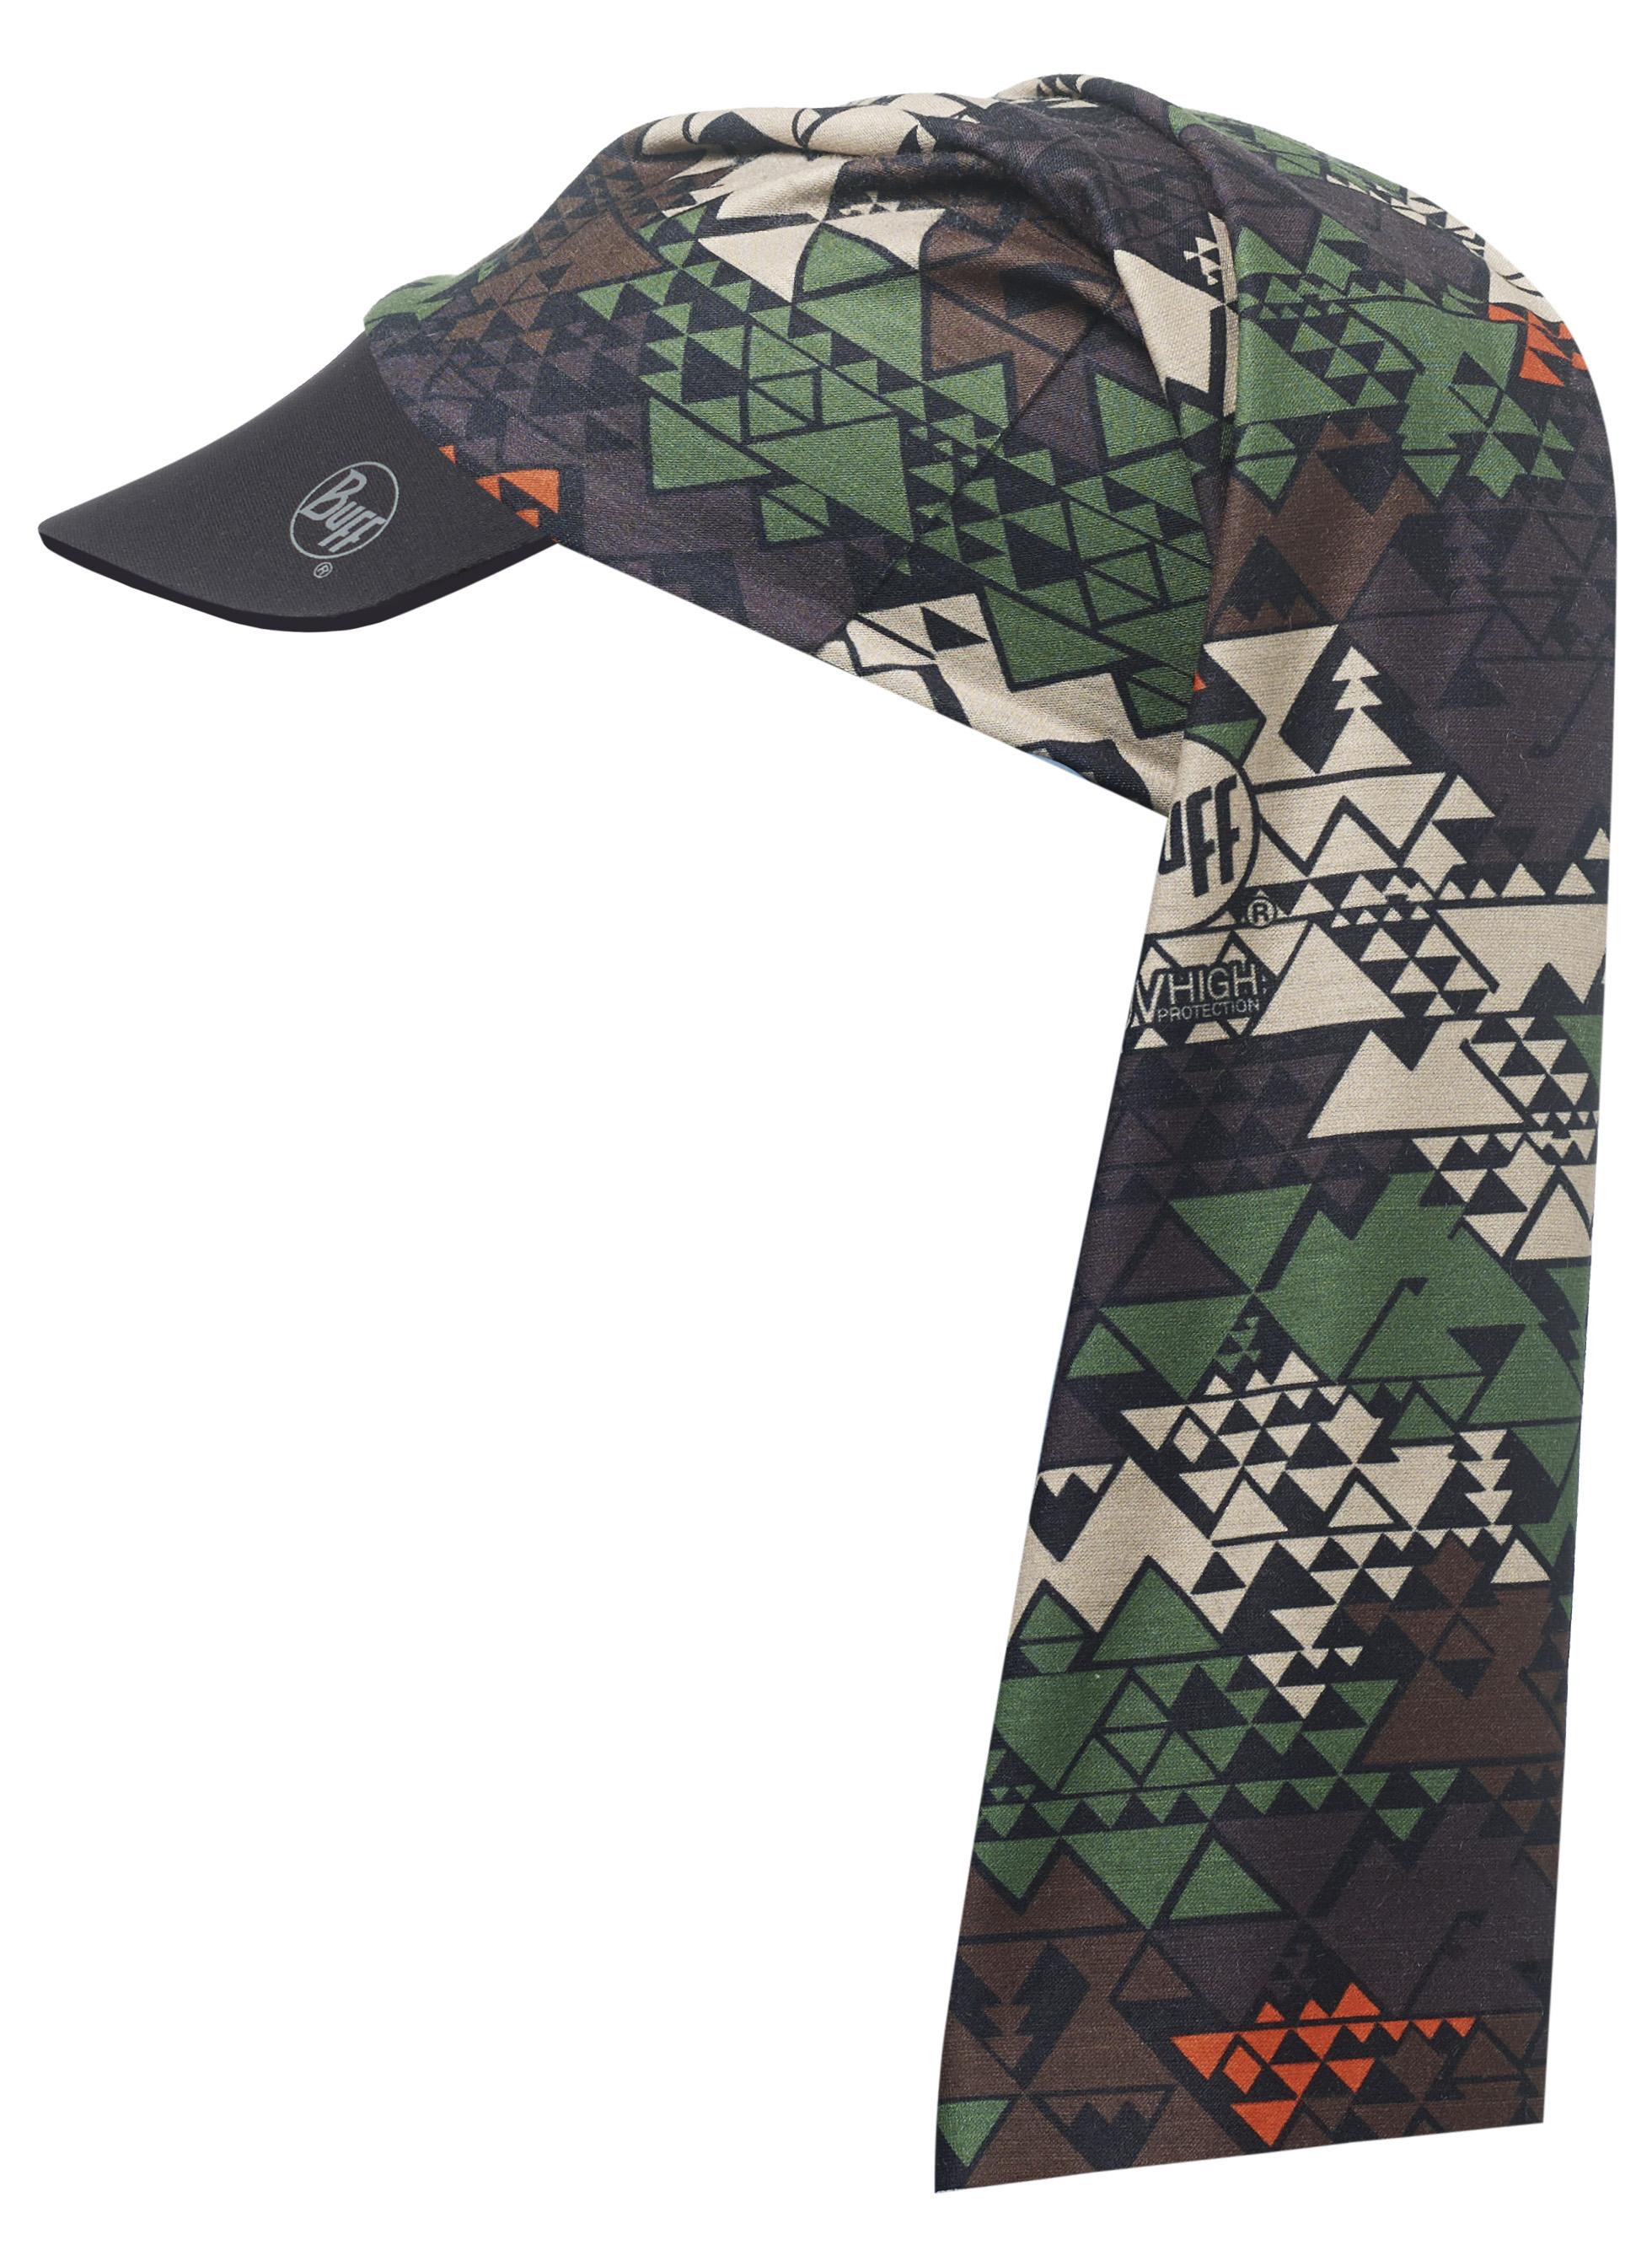 Купить Бандана BUFF Visor VISOR TAD MILITARY Банданы и шарфы Buff ® 1185617